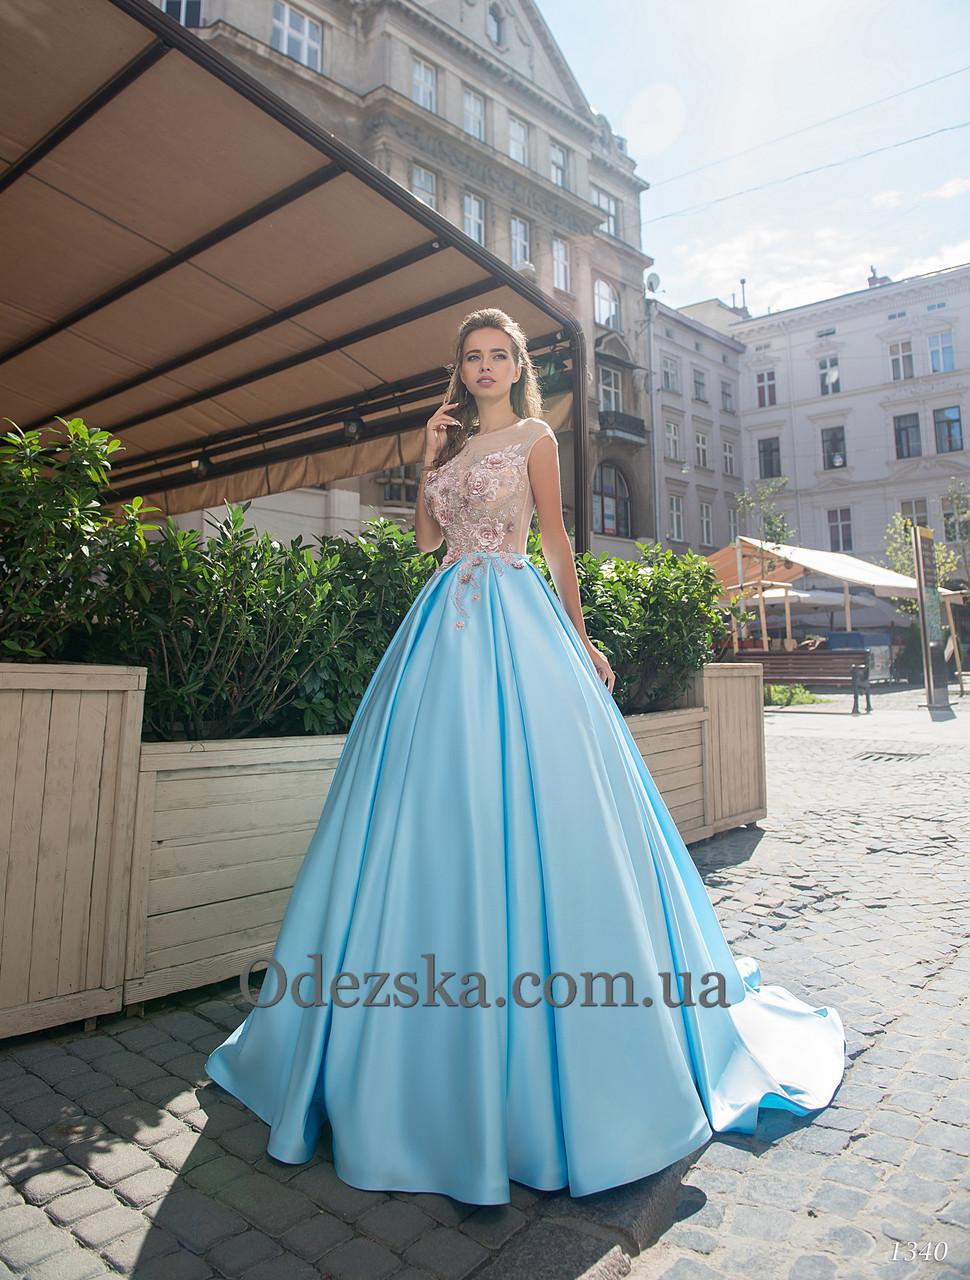 695dcc70684010e Нарядное вечернее платье в пол недорого - Интернет-магазин ОДЁЖКА прямой  поставщик в Одессе